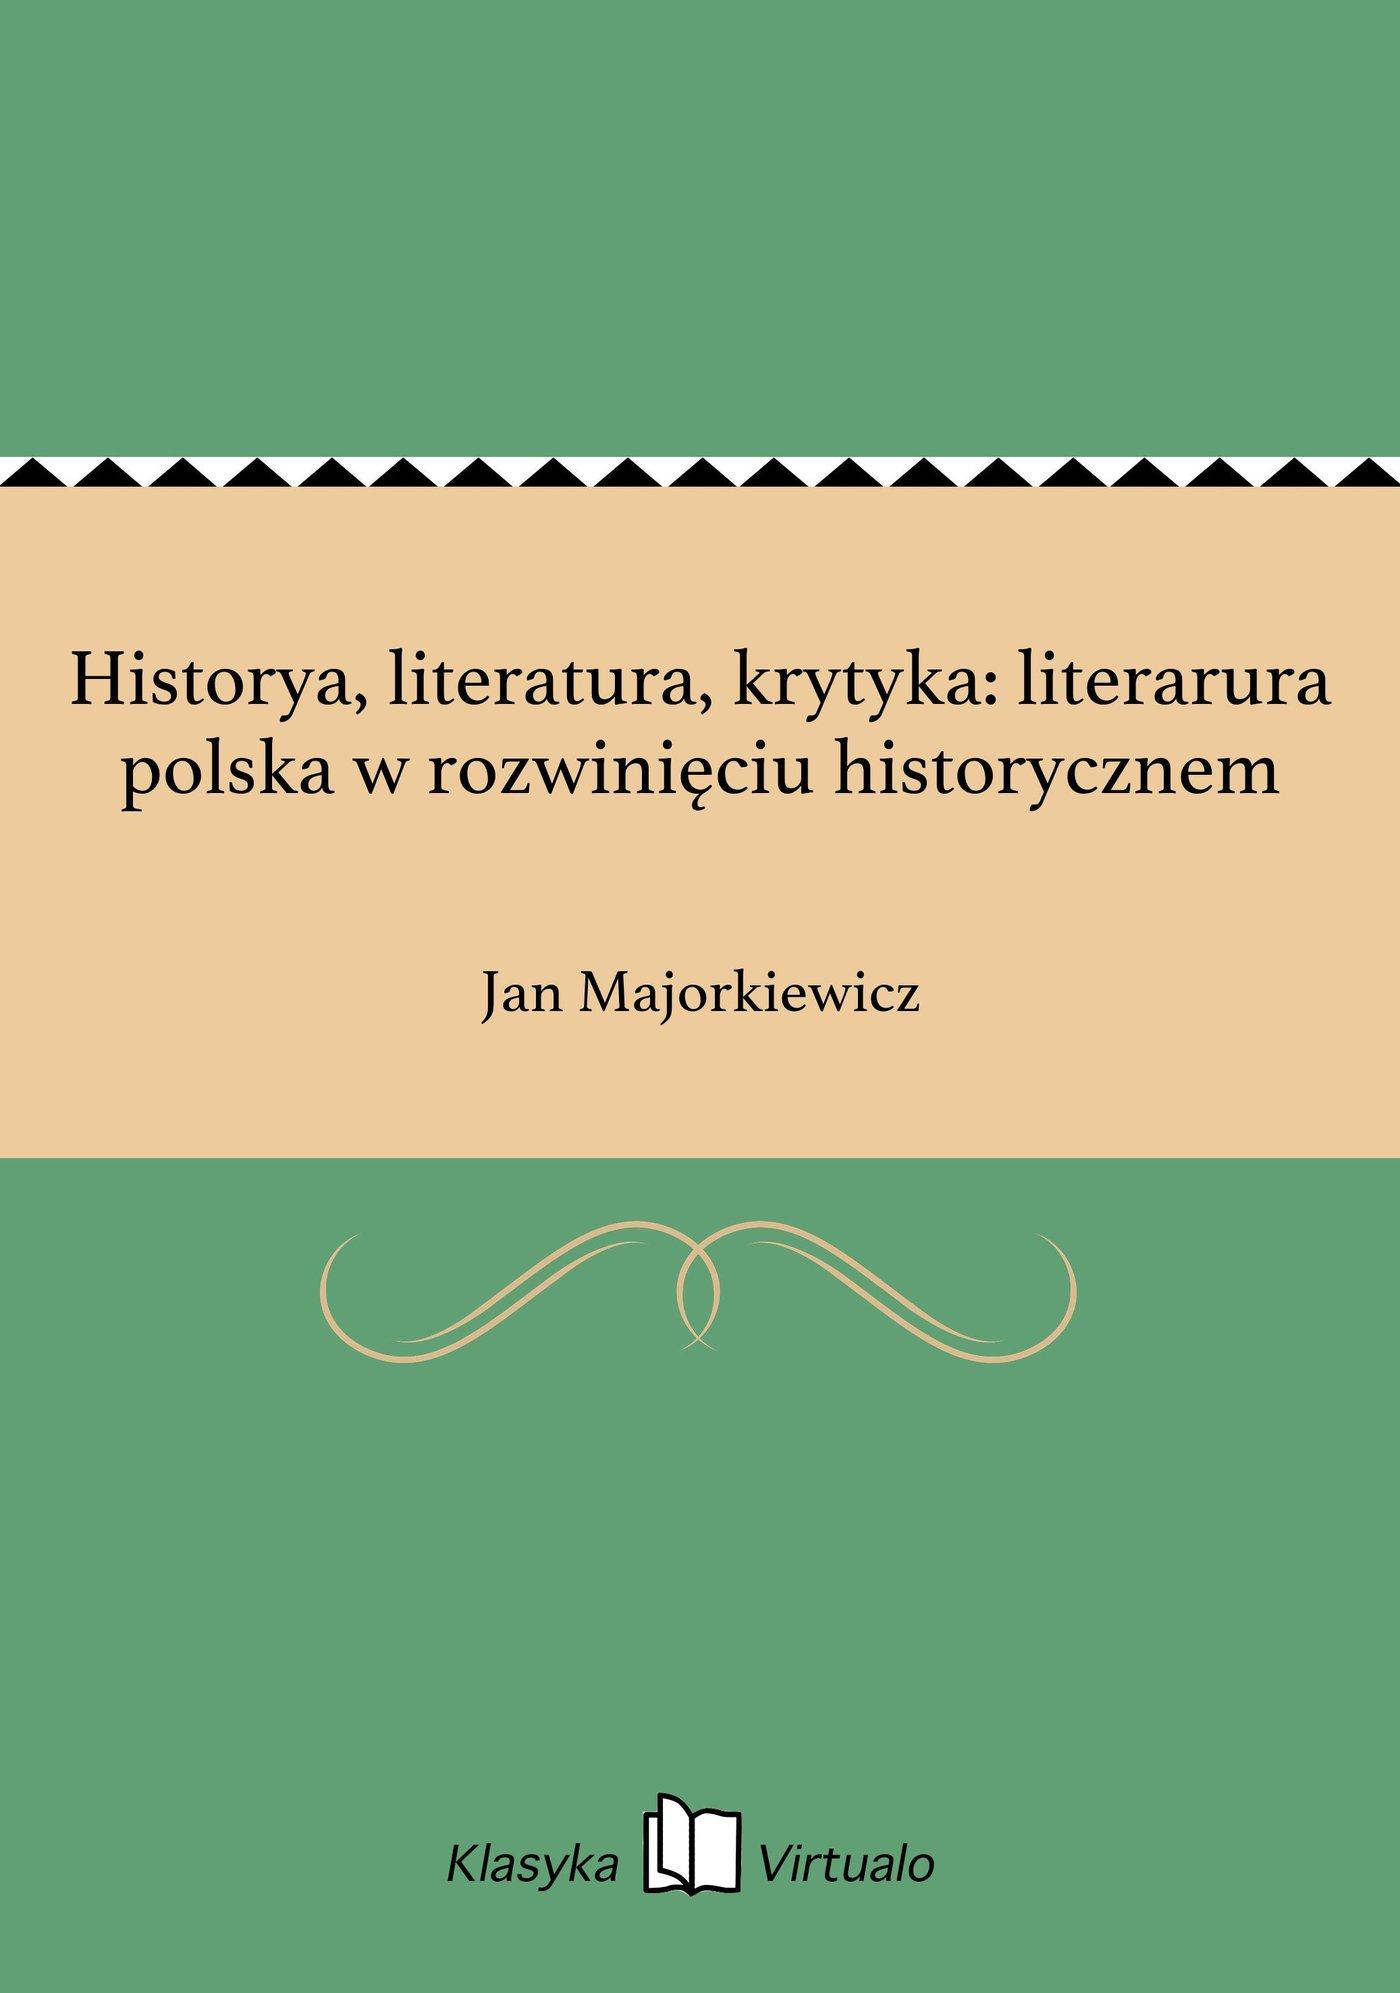 Historya, literatura, krytyka: literarura polska w rozwinięciu historycznem - Ebook (Książka EPUB) do pobrania w formacie EPUB